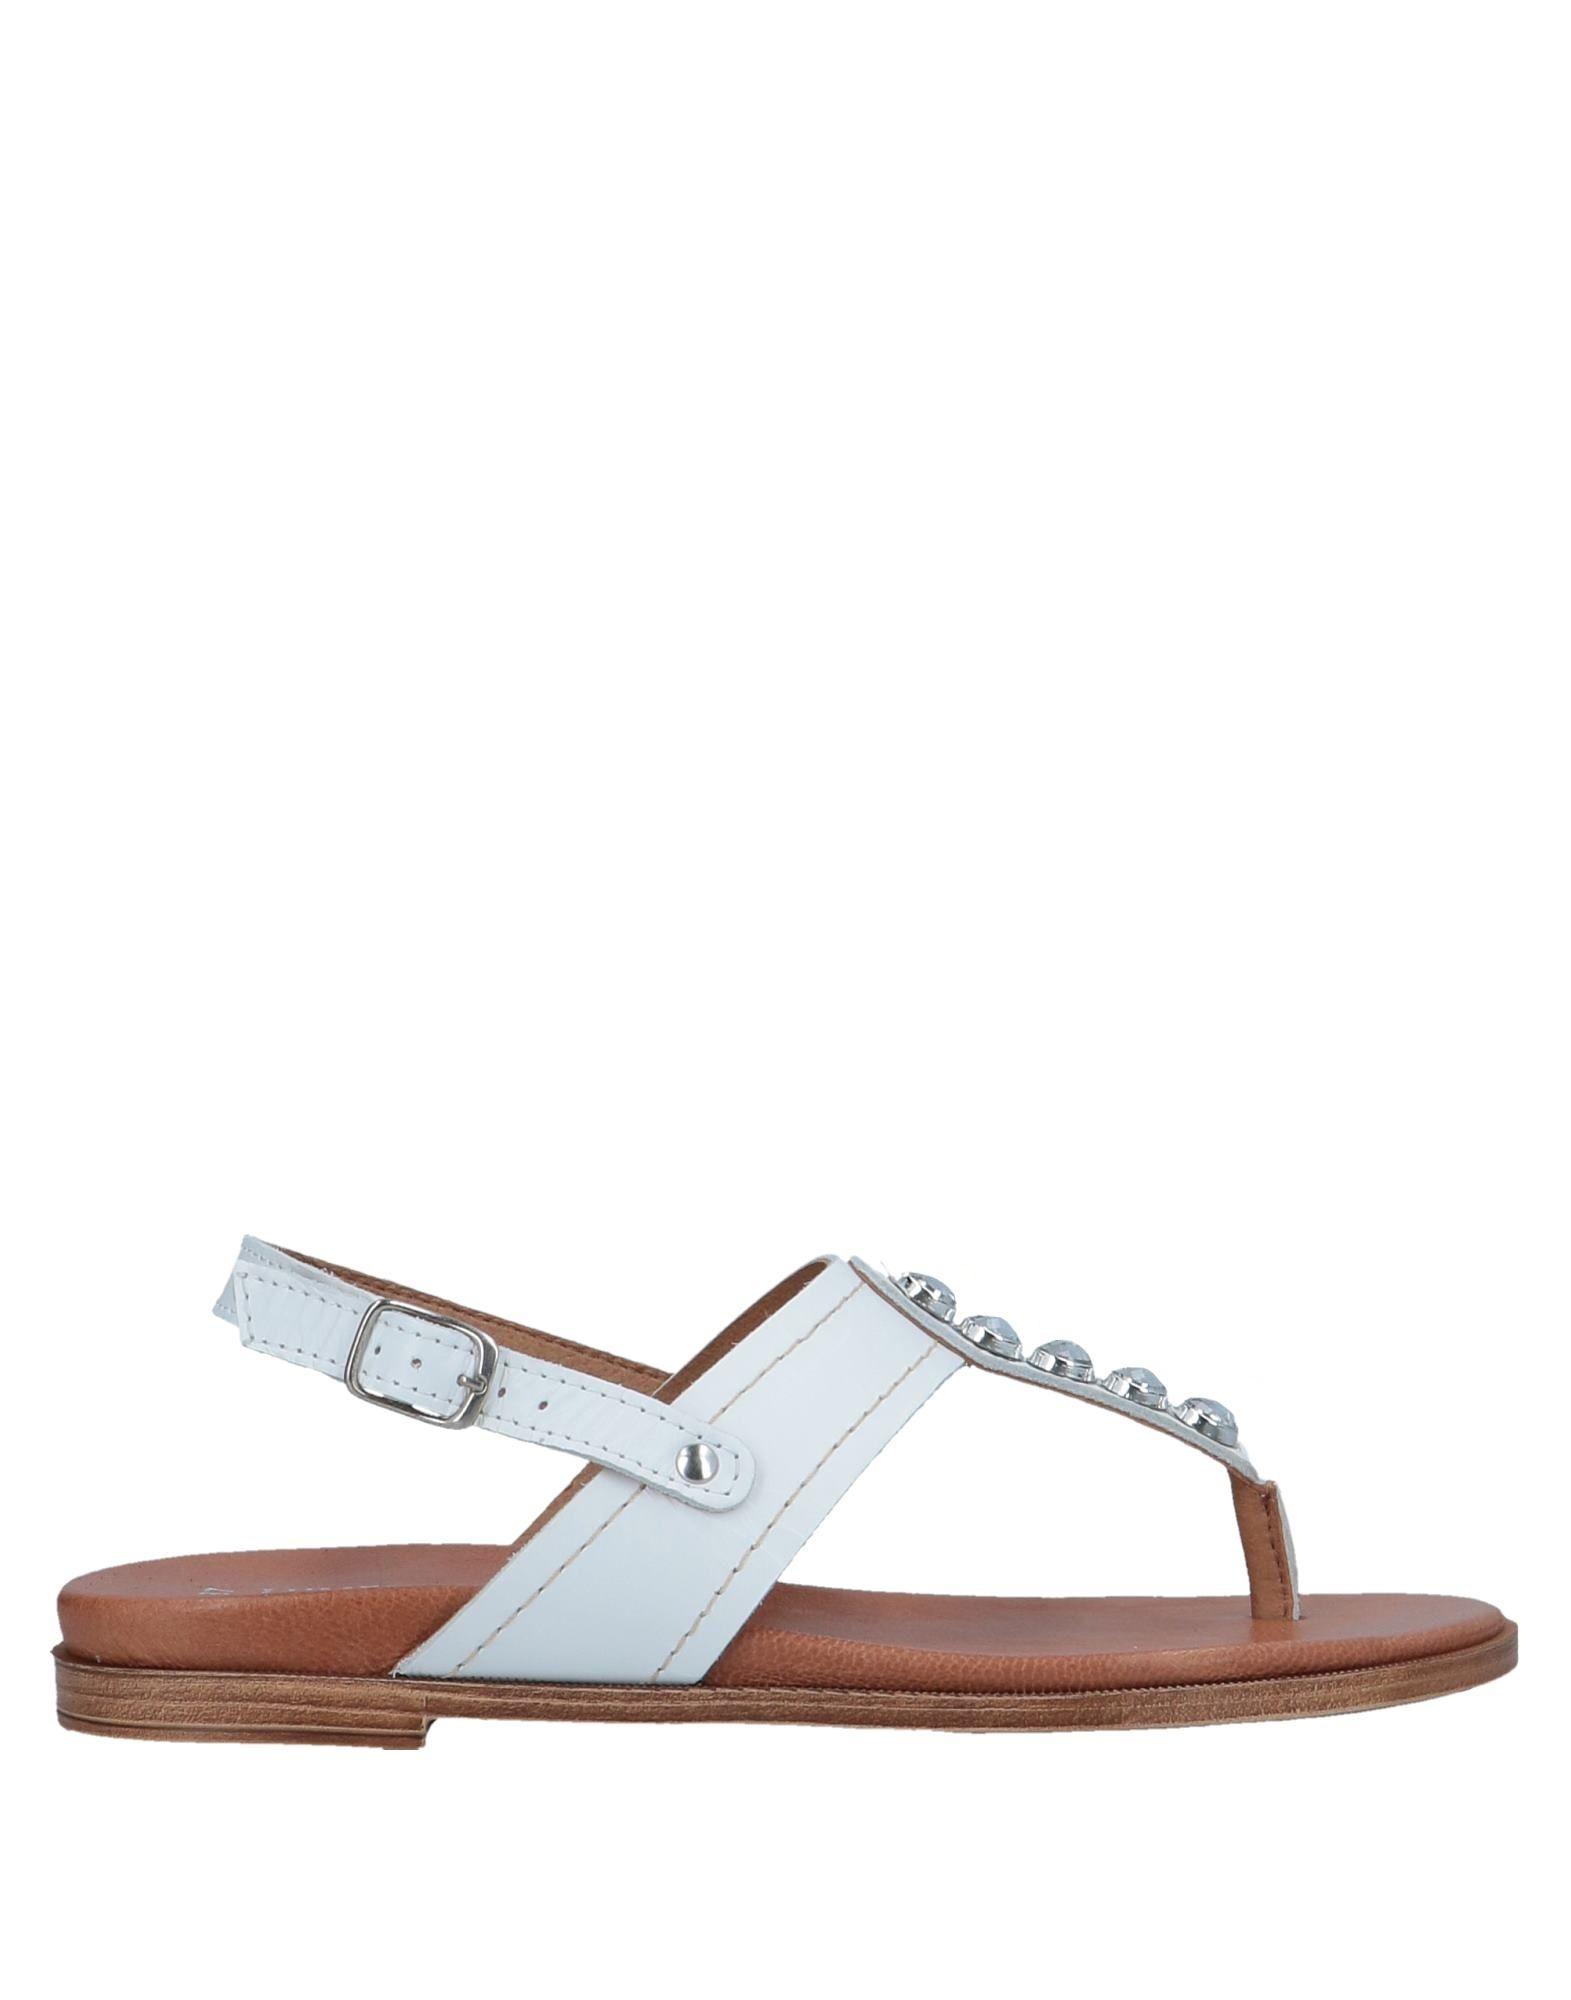 Lumberjack Dianetten Damen  11570420LJ Gute Qualität beliebte Schuhe